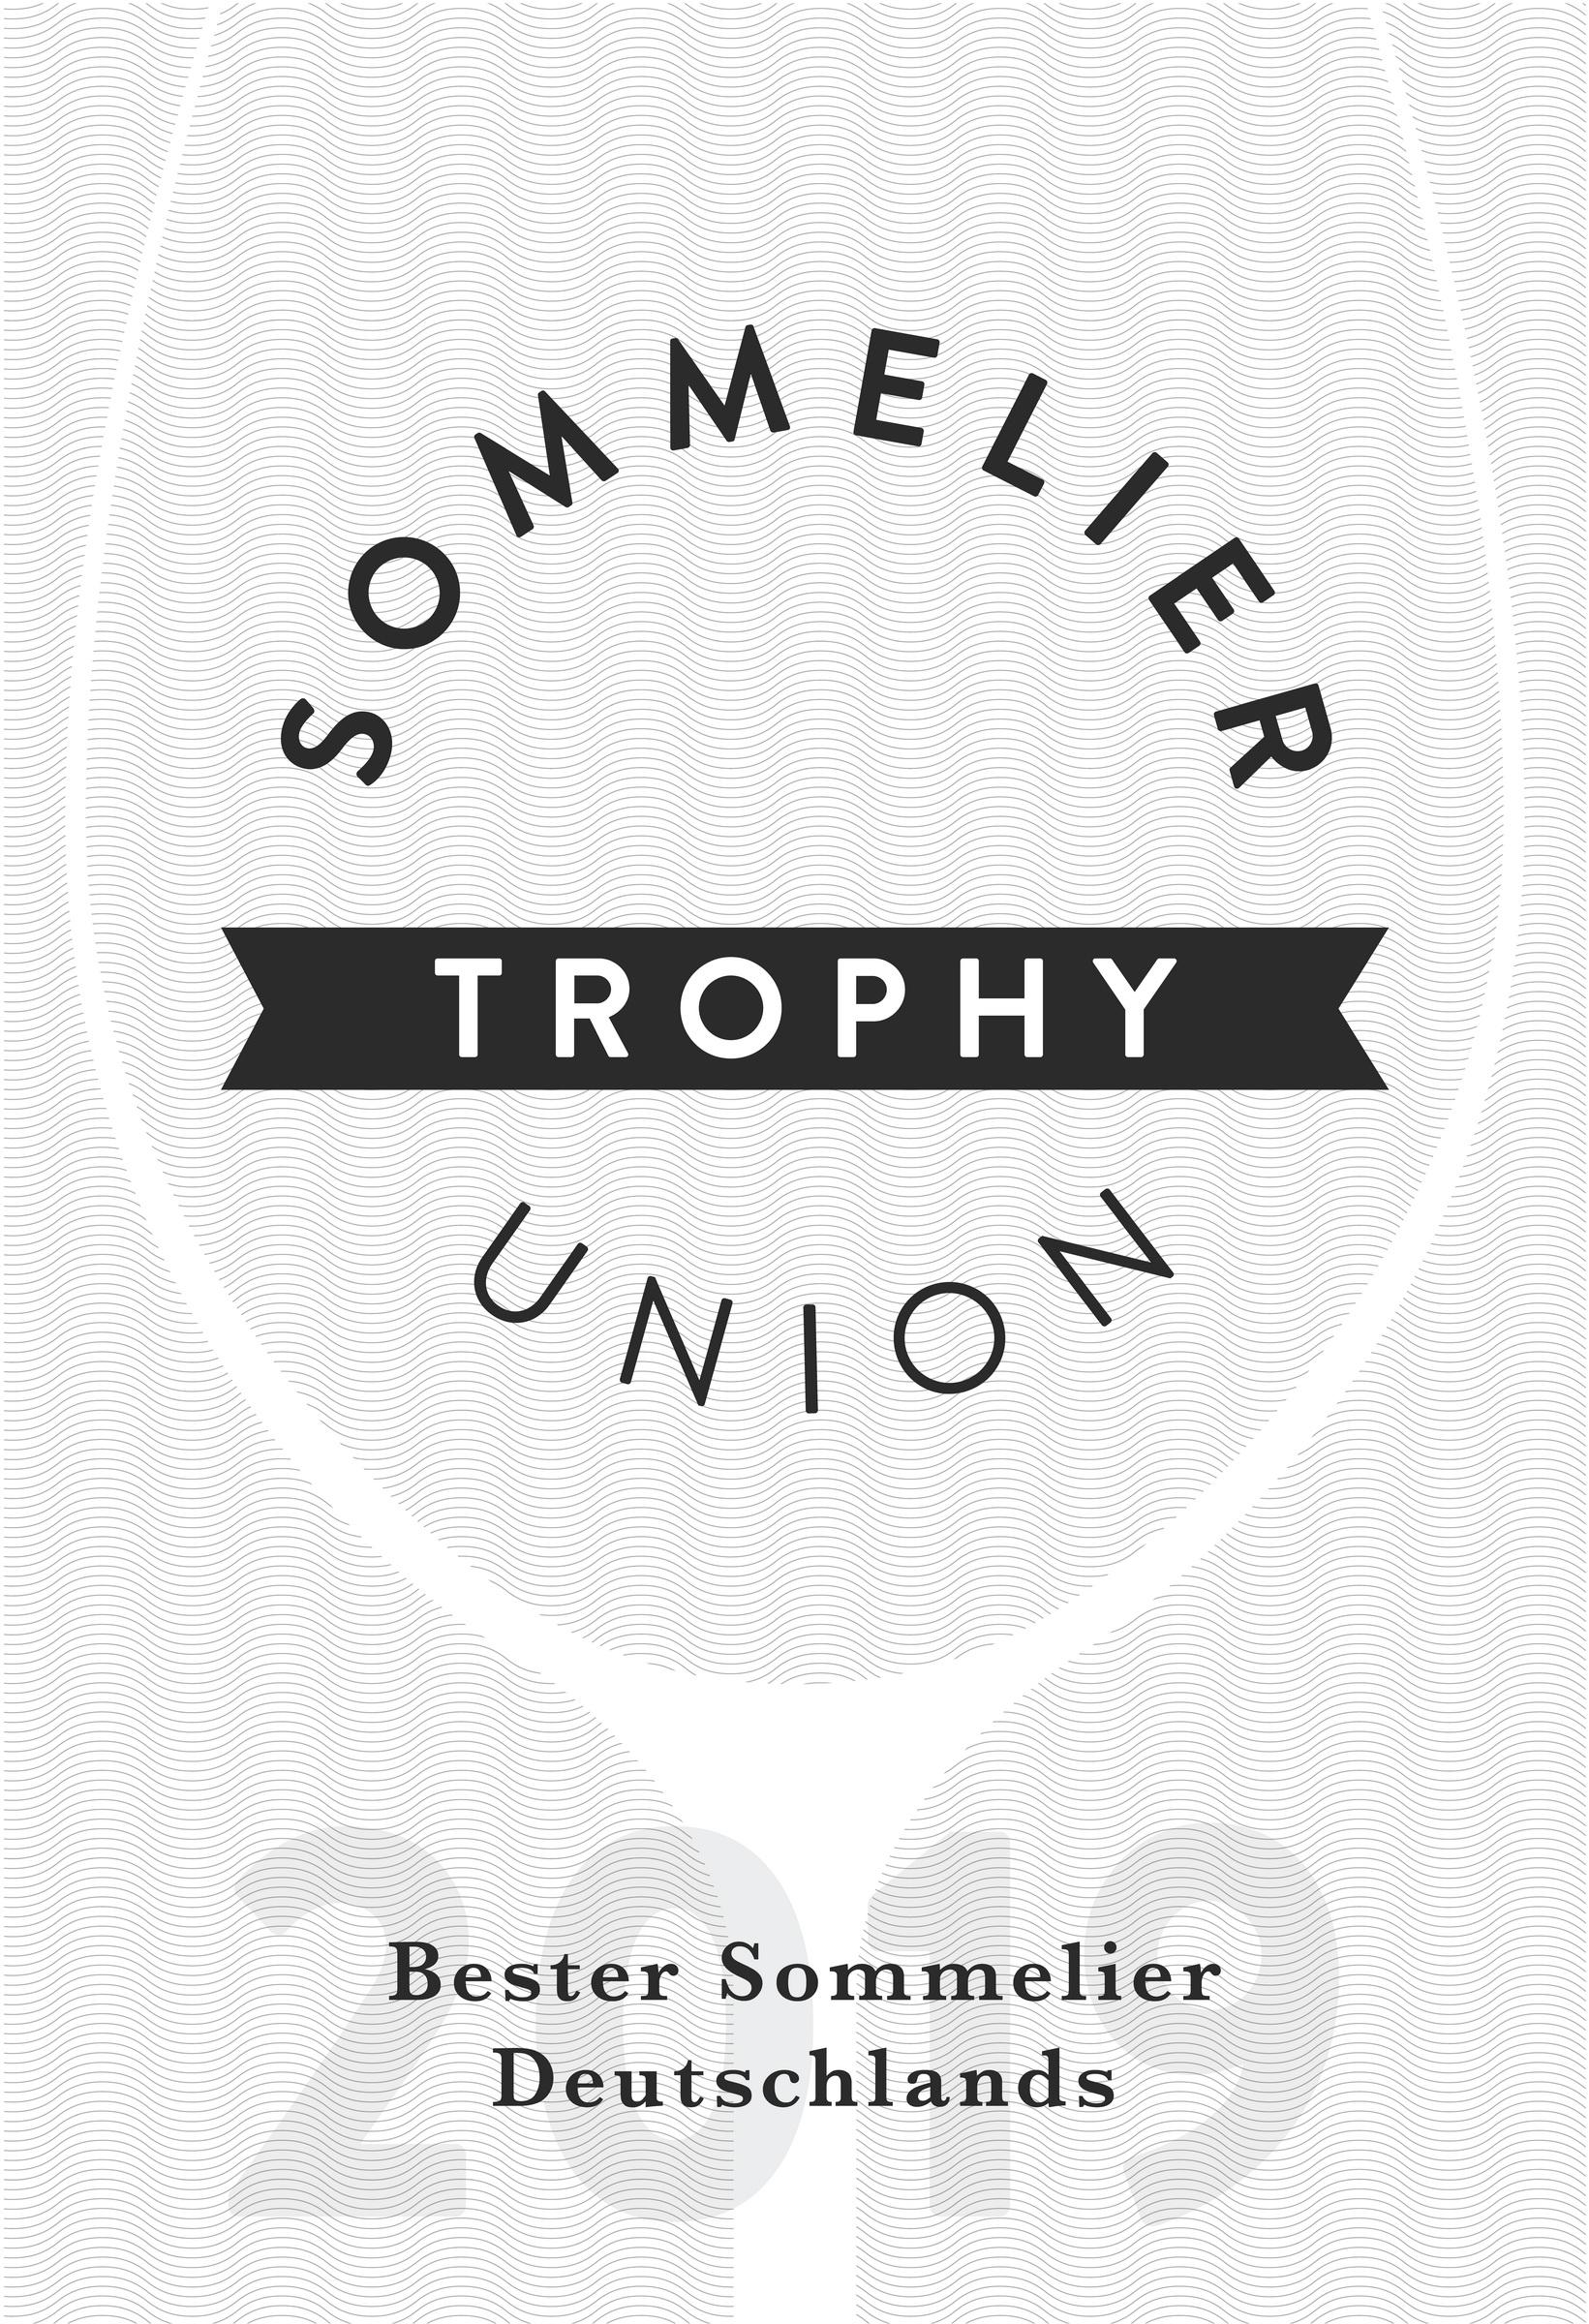 Sommelier Trophy 2019